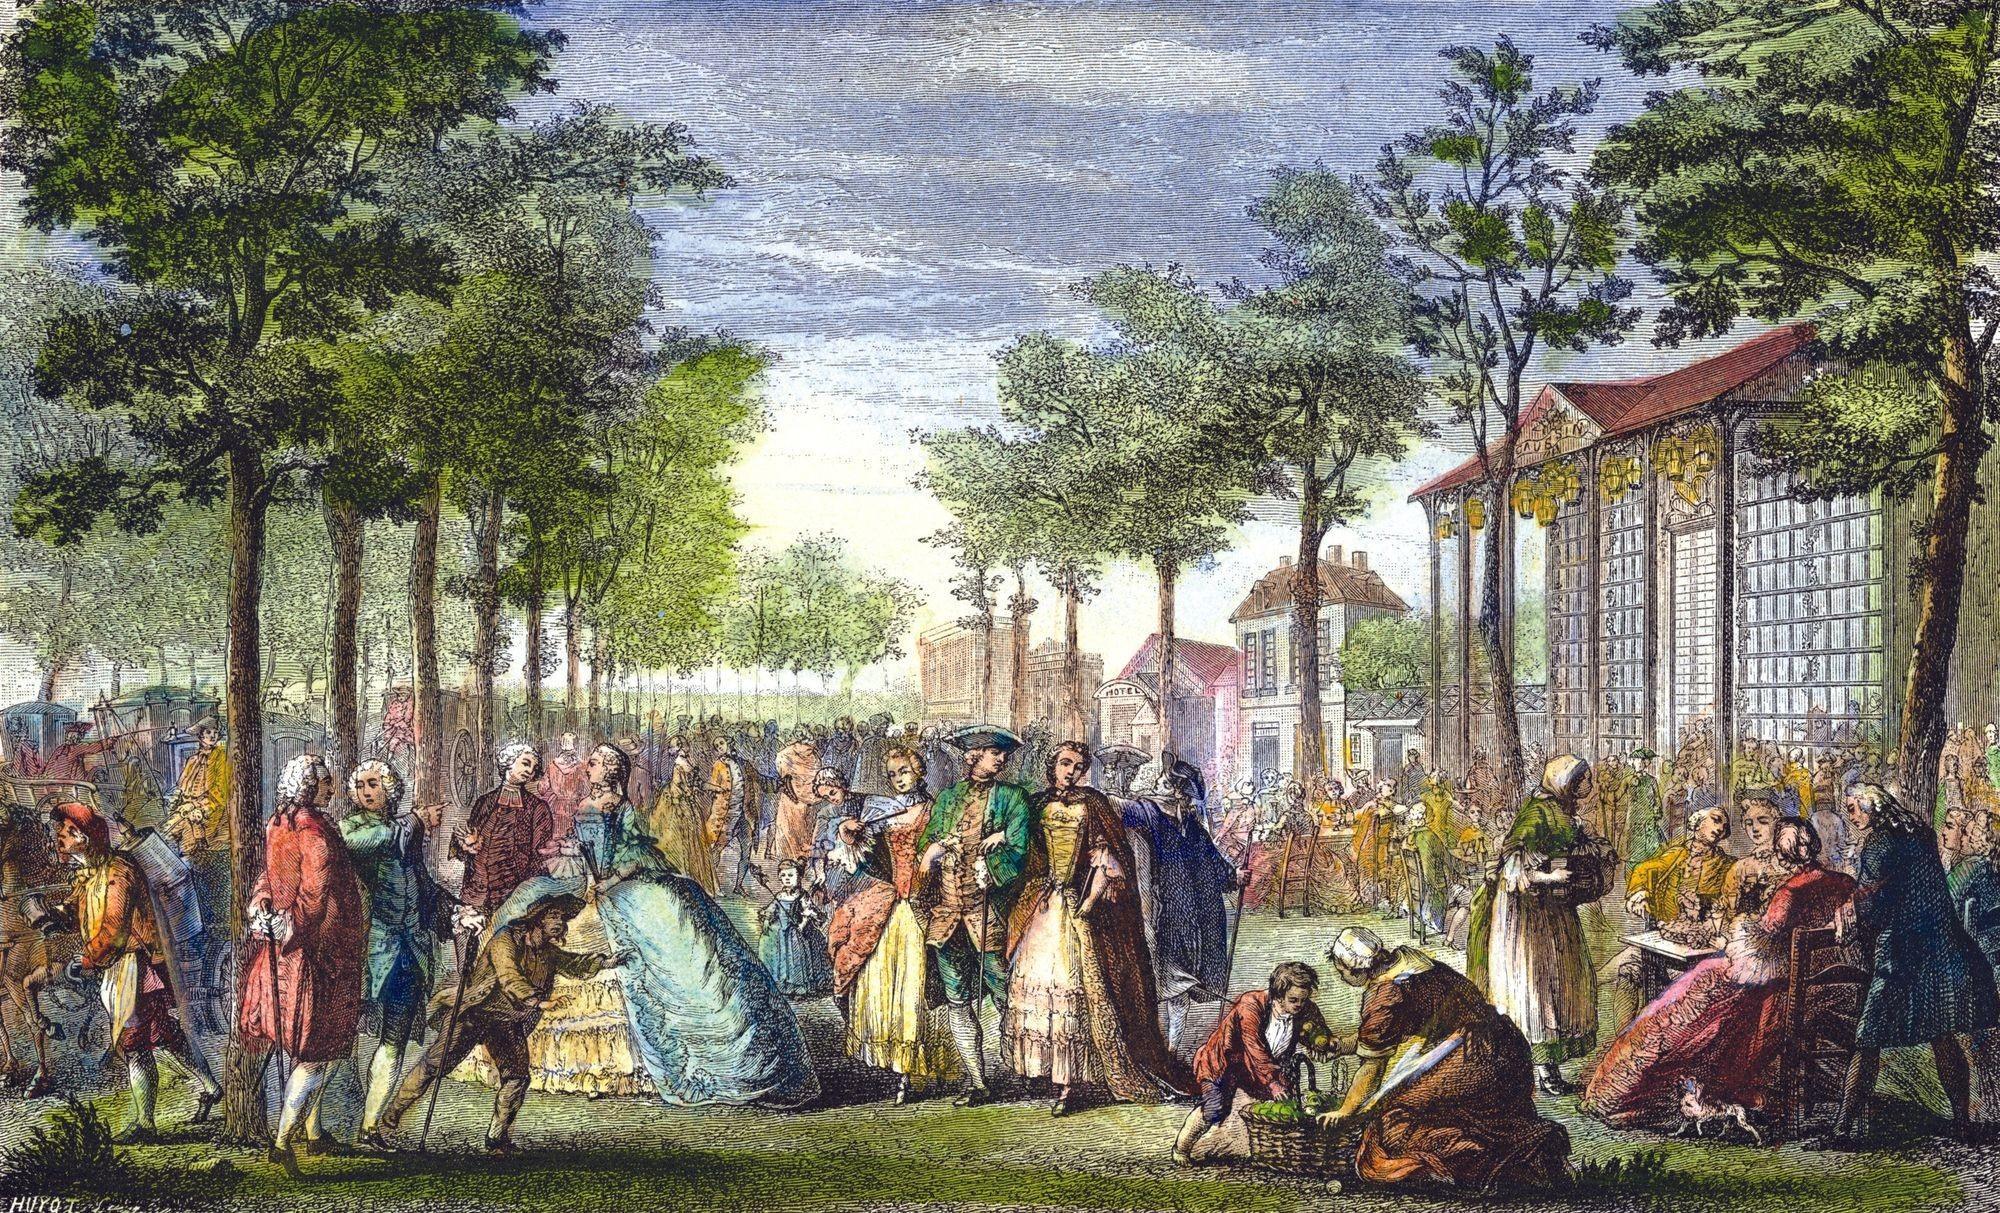 Augustin de Saint-Aubin, Promenade sur les remparts de Paris, vers 1760, estampe, 22 x 36 cm, BnF, Paris